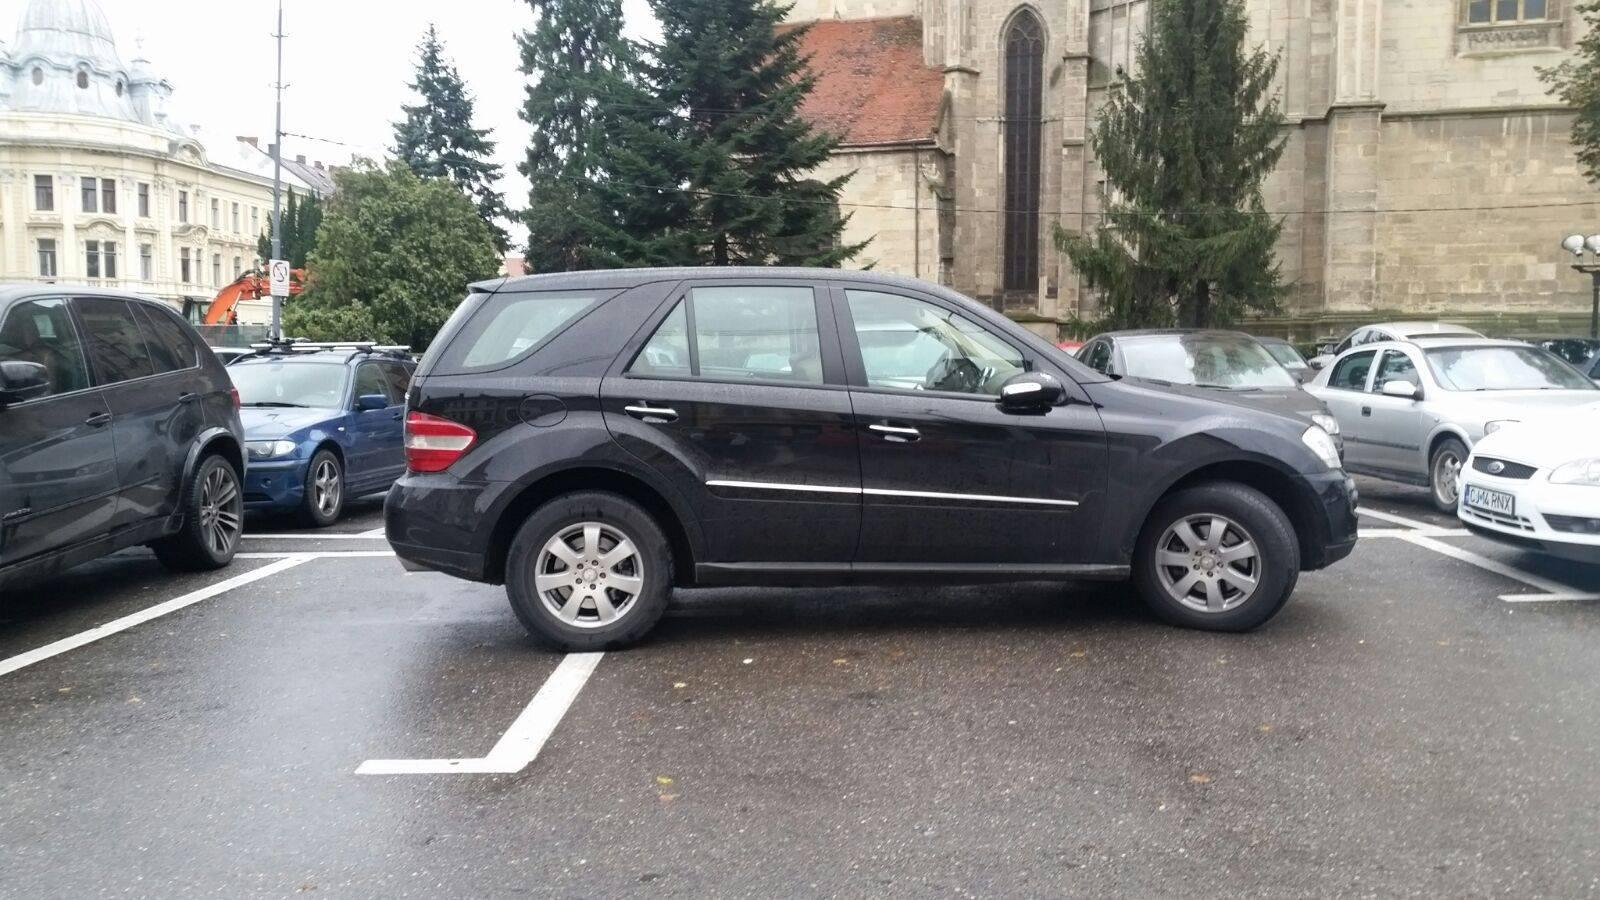 Parcare pe două locuri în Piața Unirii: Nu e de ajuns că nu sunt locuri destule - FOTO